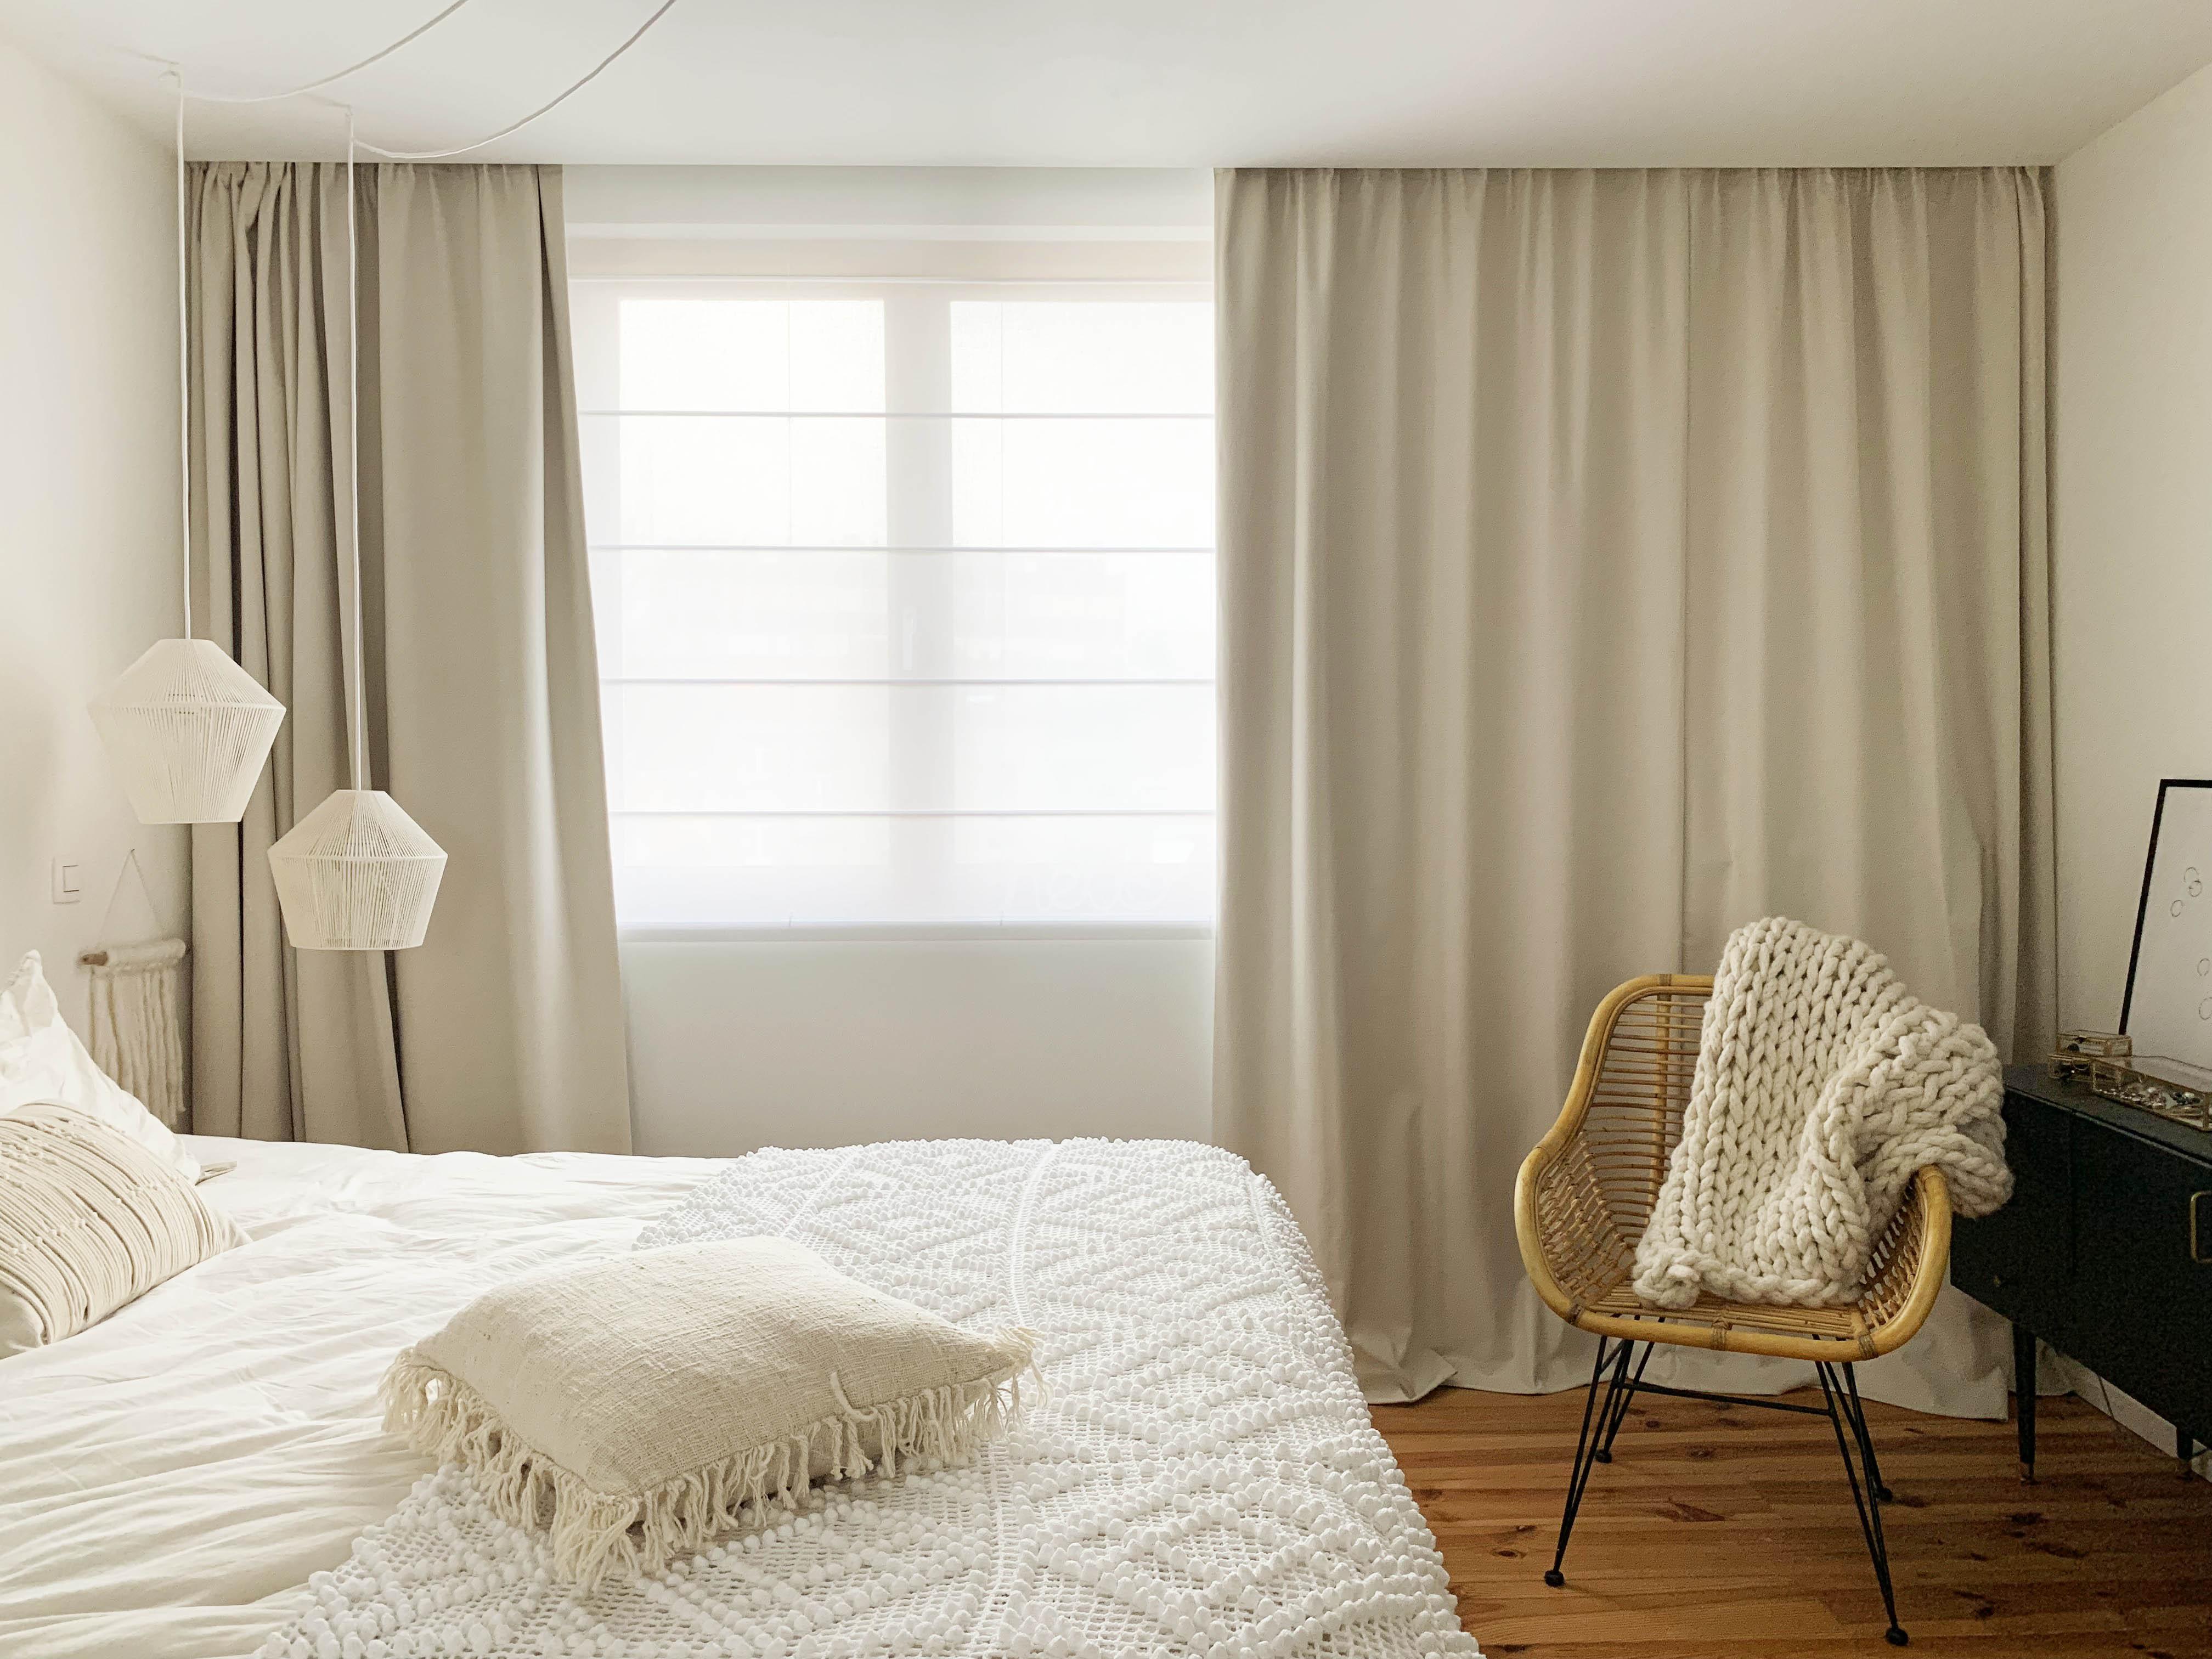 pierre-papier-ciseaux-rideaux-chambre-heytens-apres-mouvement15